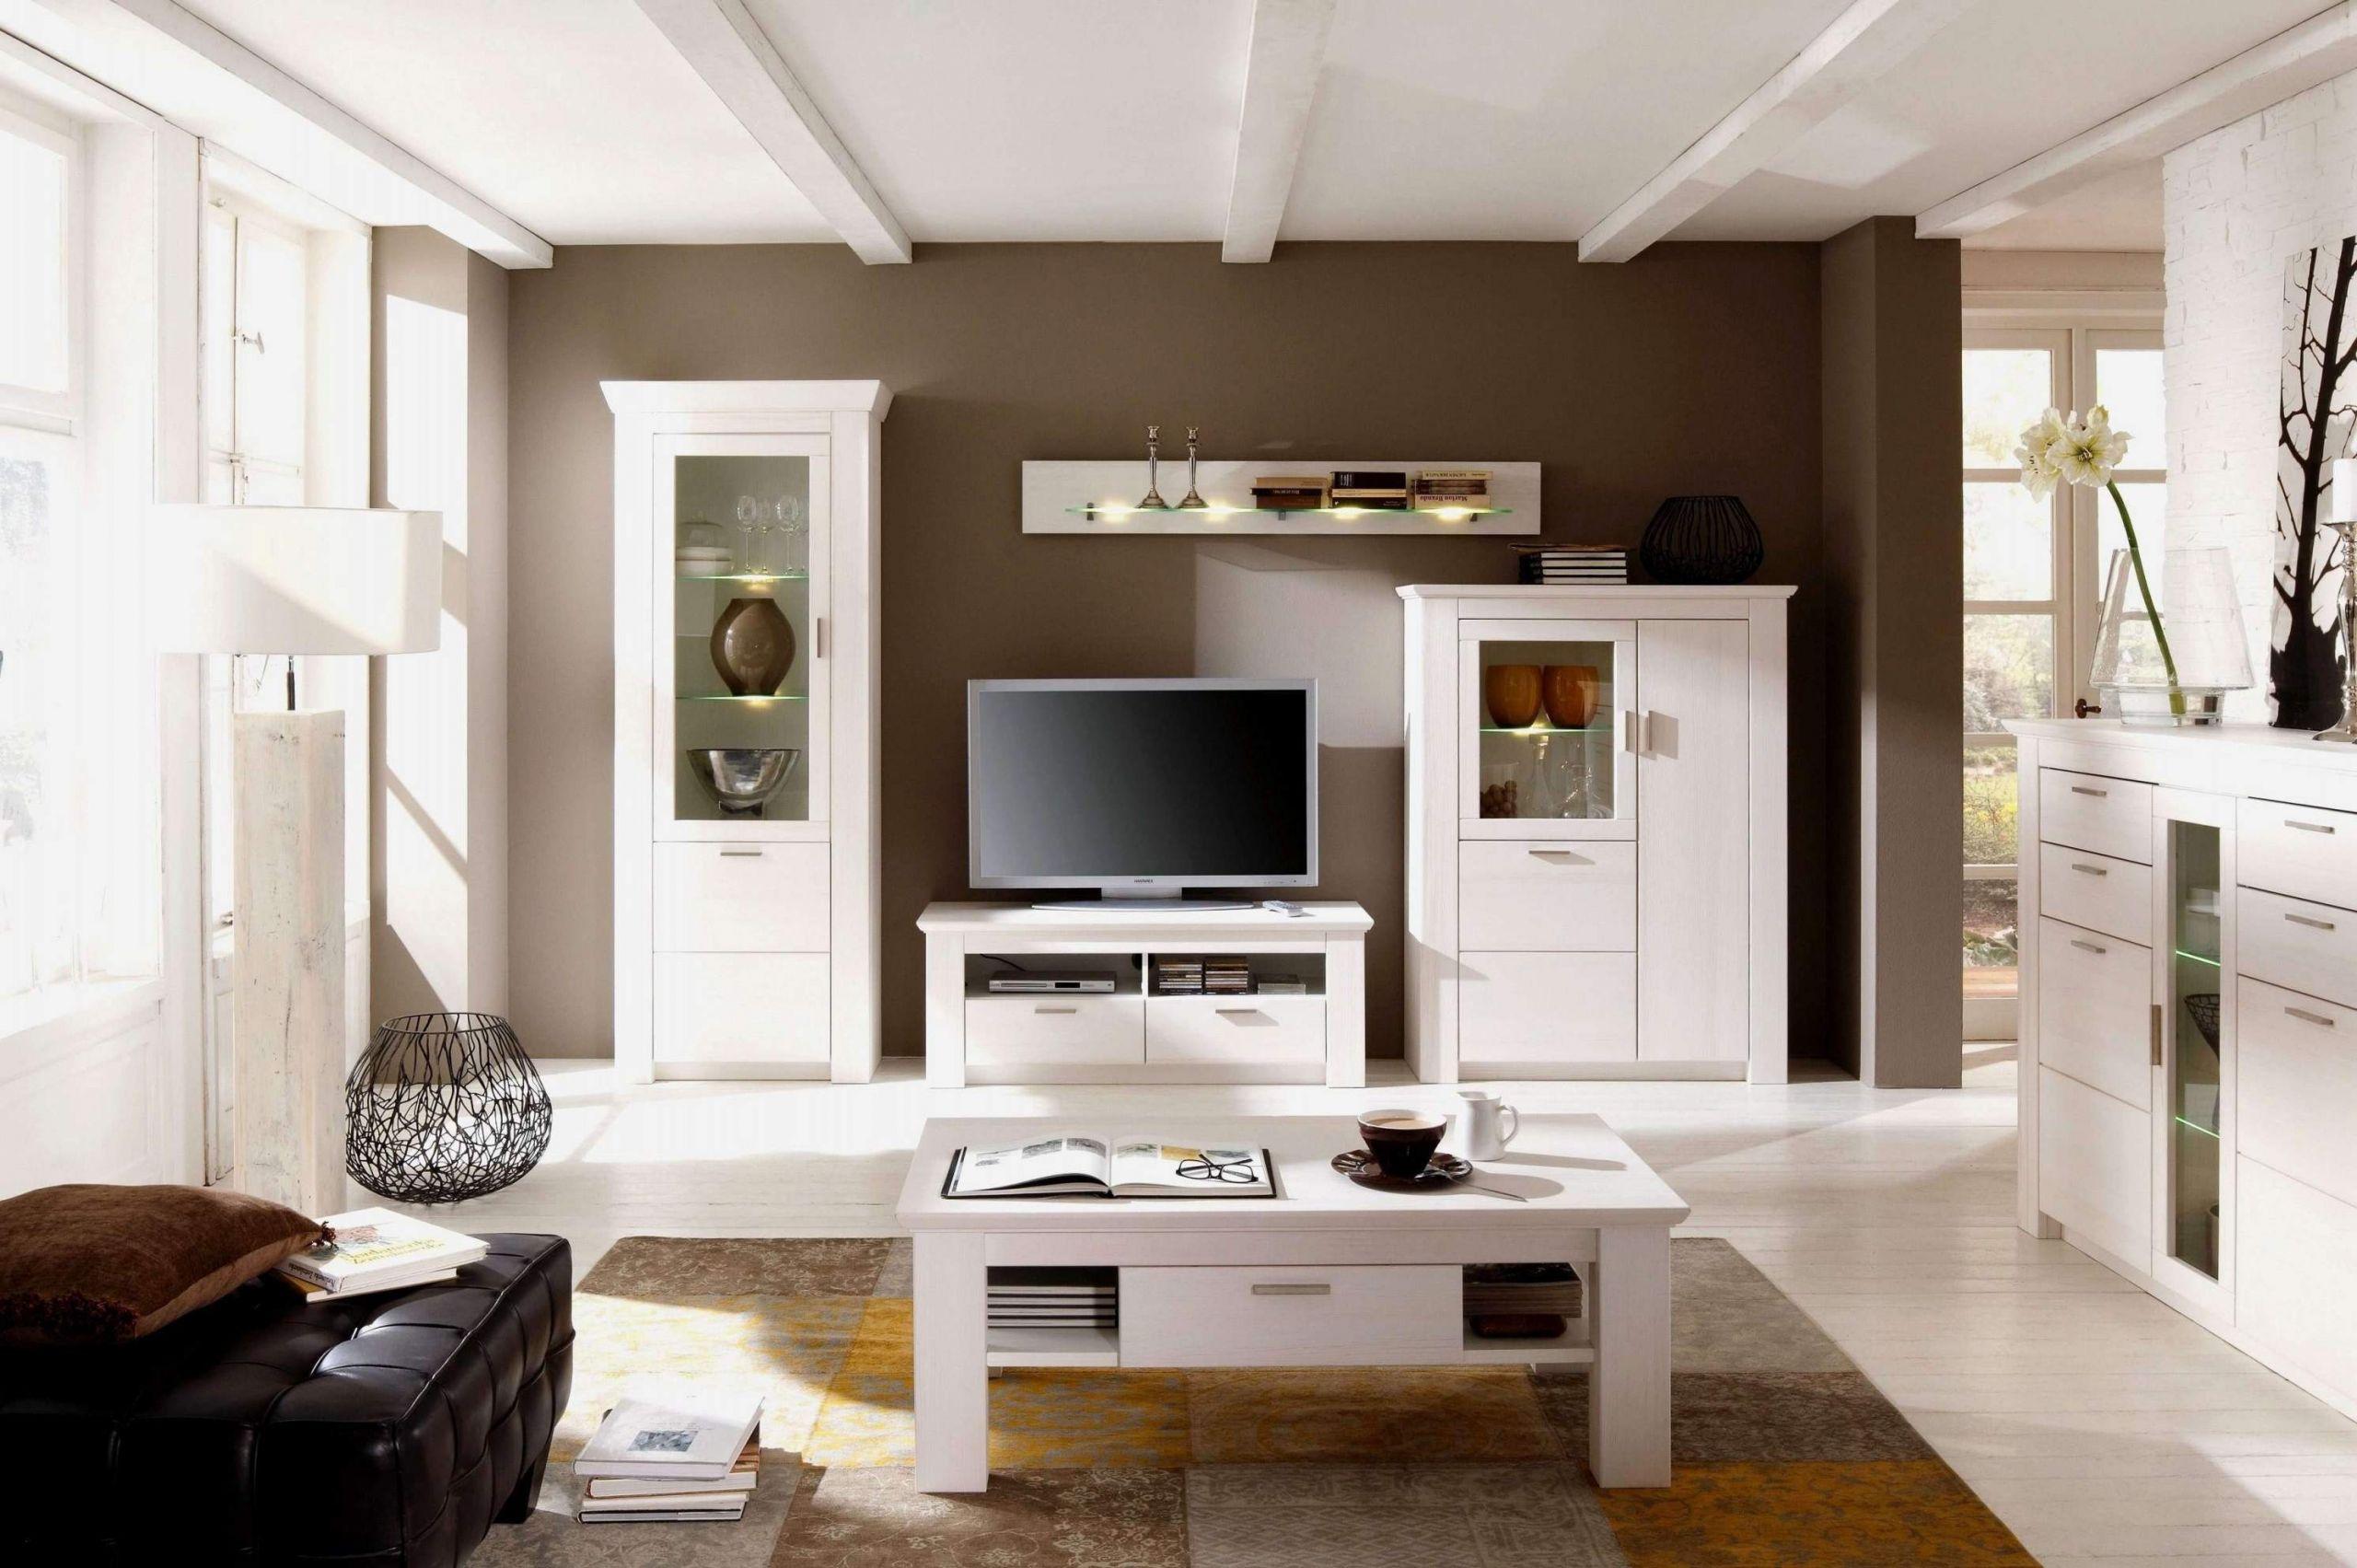 wohnzimmer wanduhren holz frisch wohnzimmer inspiration elegant tv lowboard holz chic of wohnzimmer wanduhren holz scaled